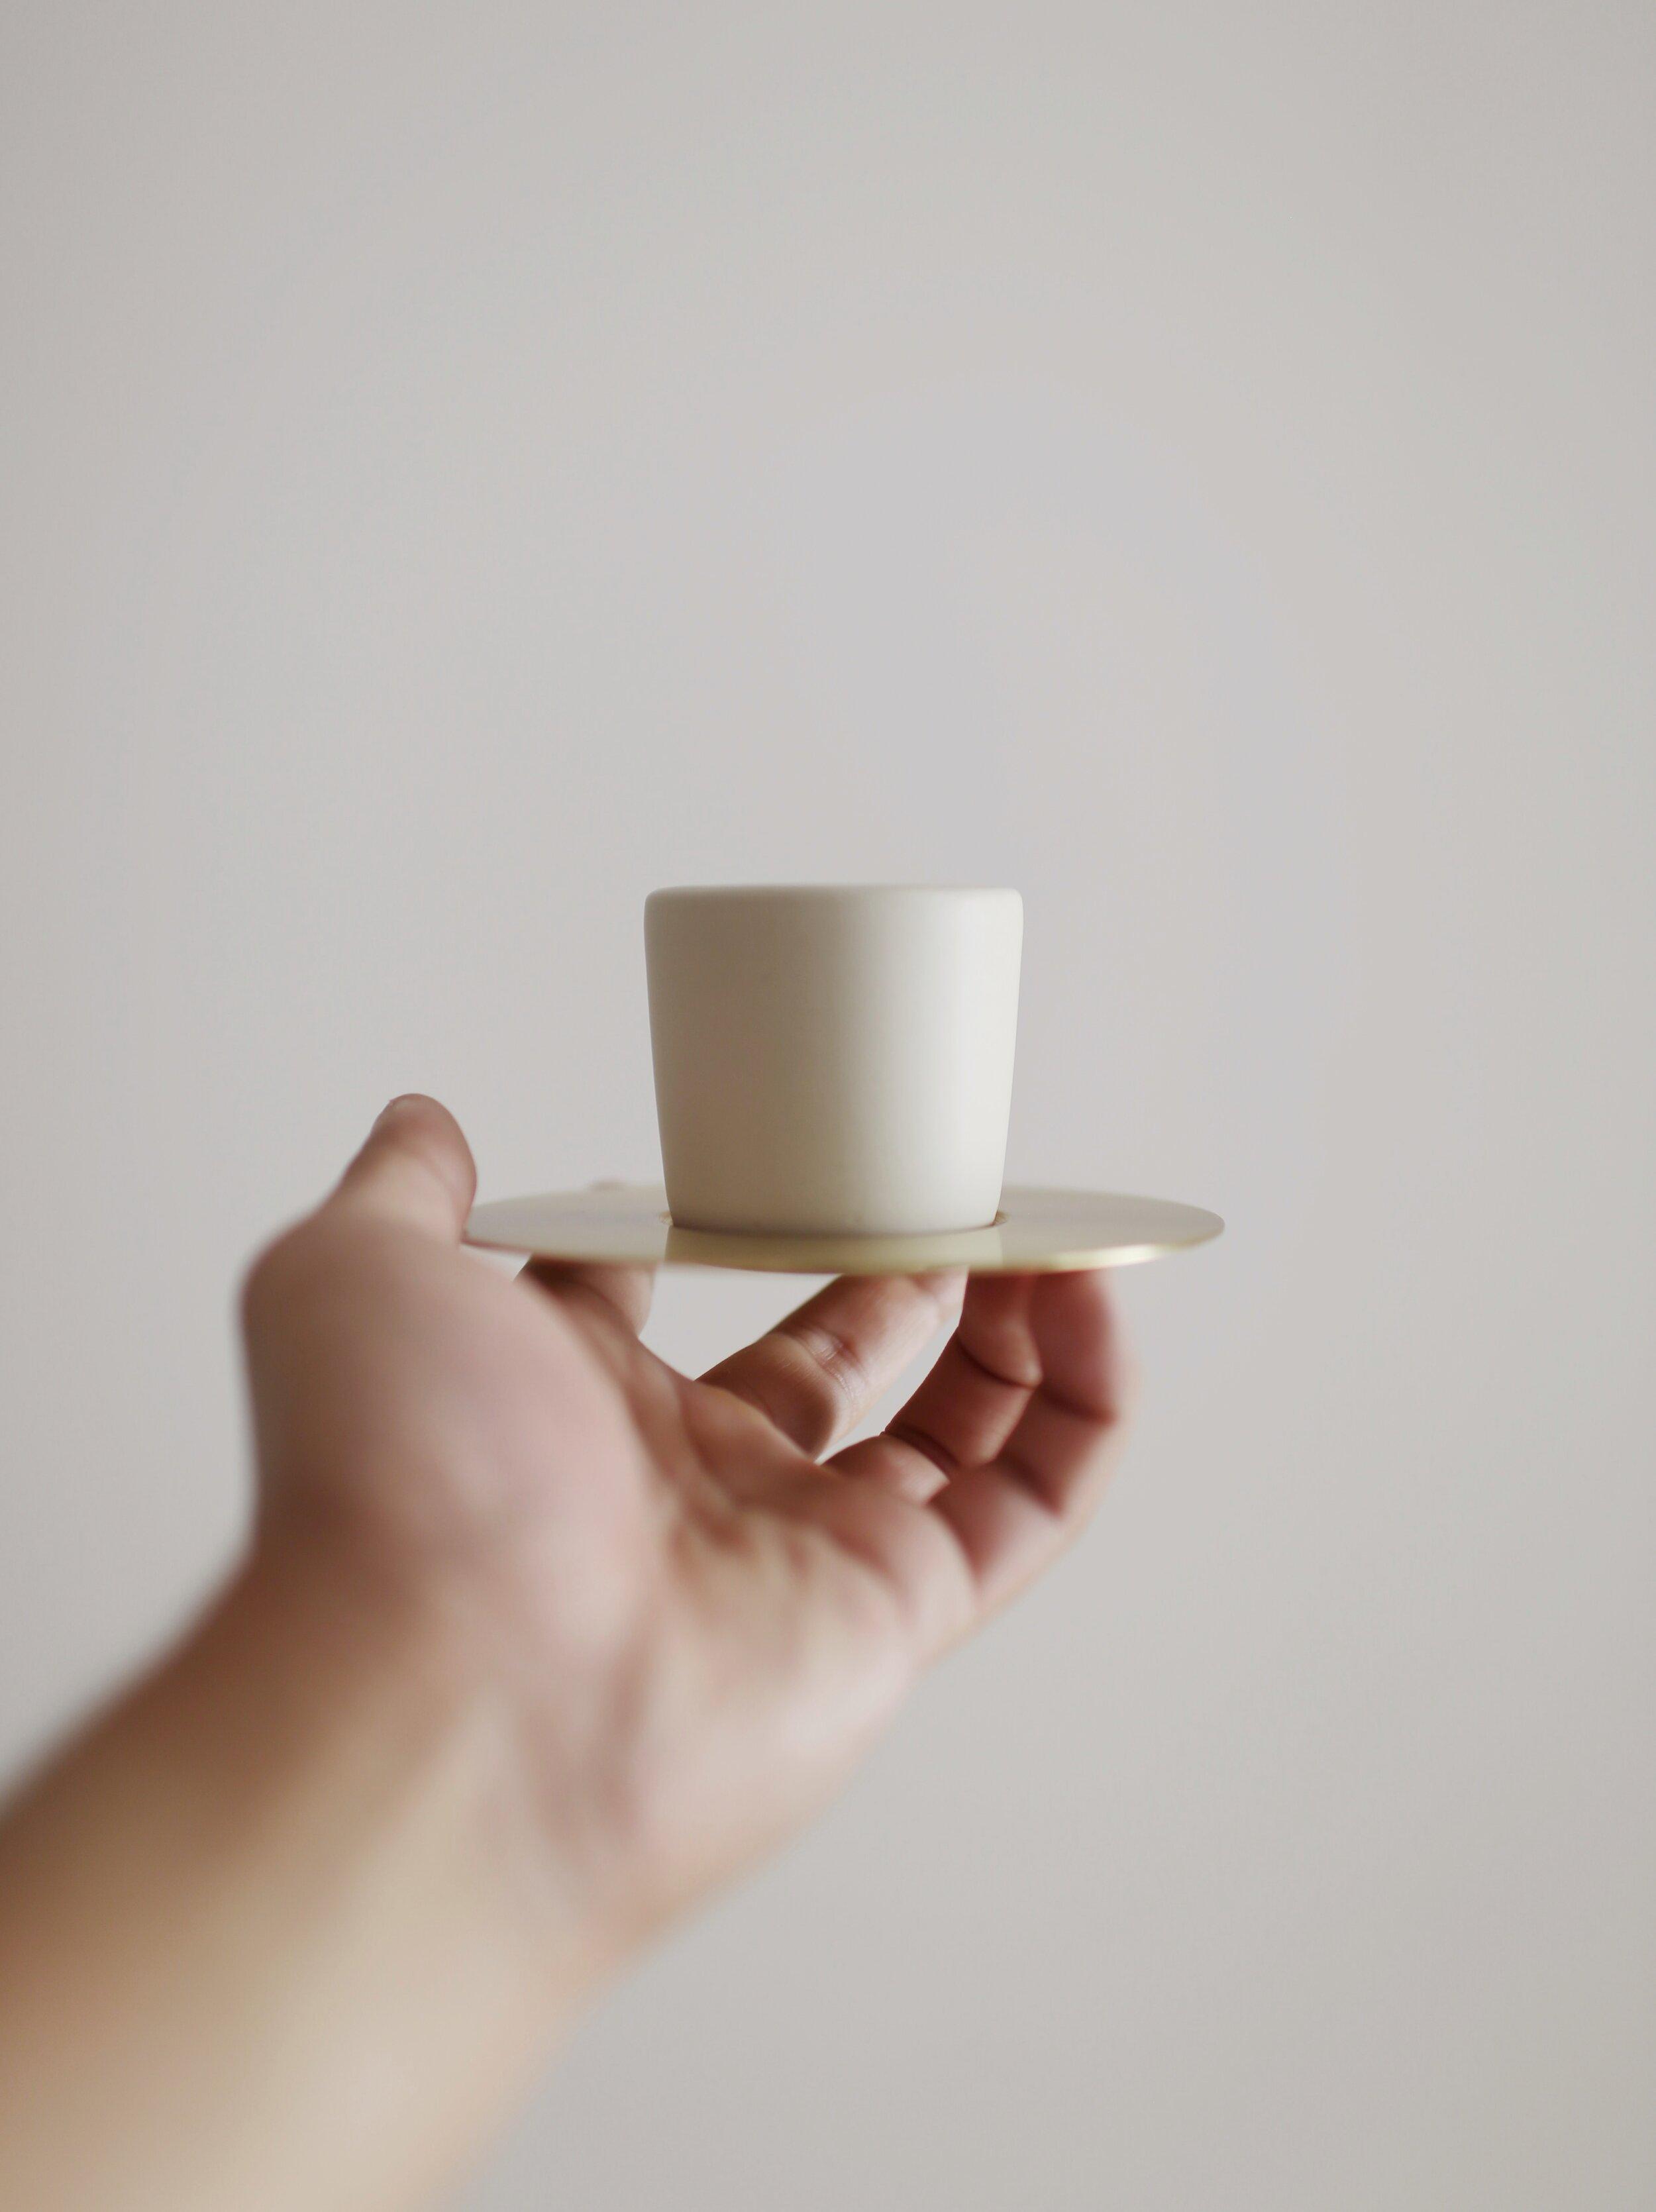 TYAGA x MISTER SUNDAY COFFEE SET   Espresso / cappuccino ceramic cup with brass coaster  -   PRICE   Espresso - Rp. 515.000  Cappuccino - Rp. 438.000